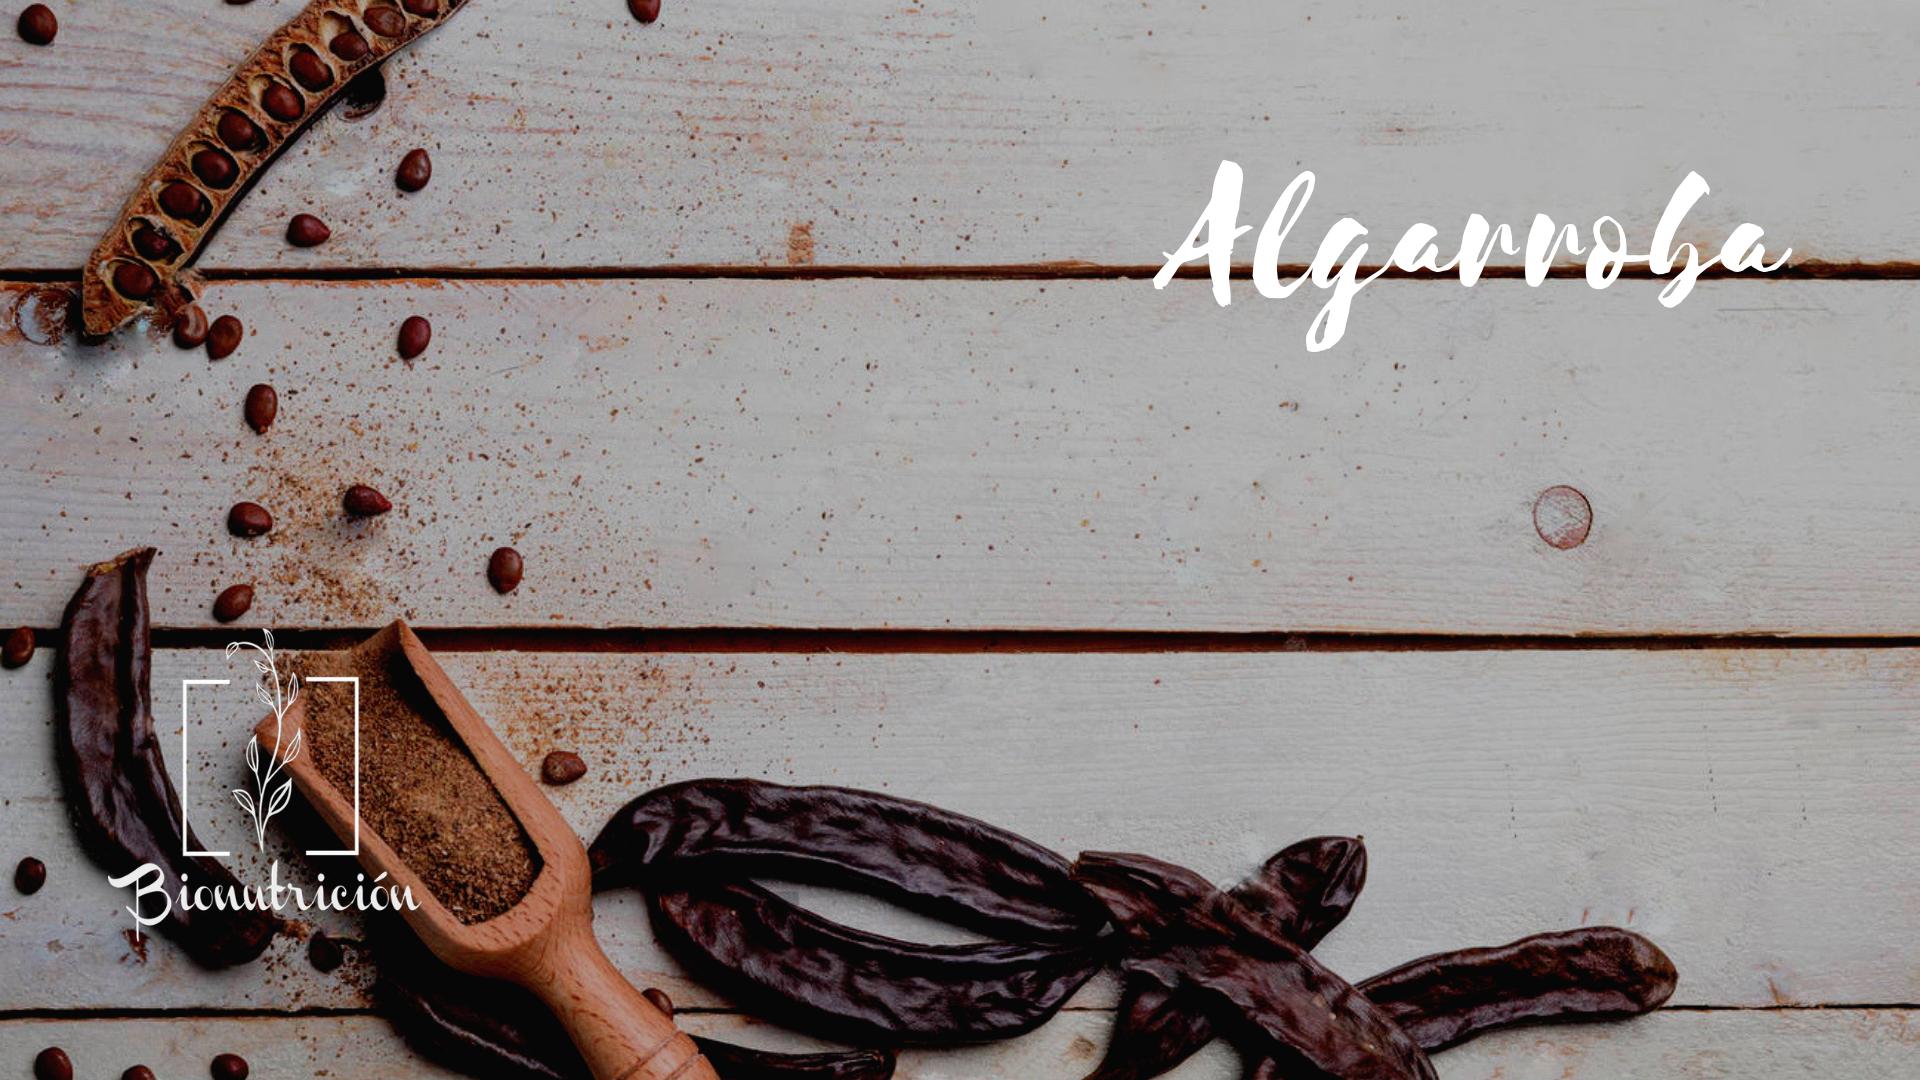 Algarroba- Bionutrición Ortomolecular